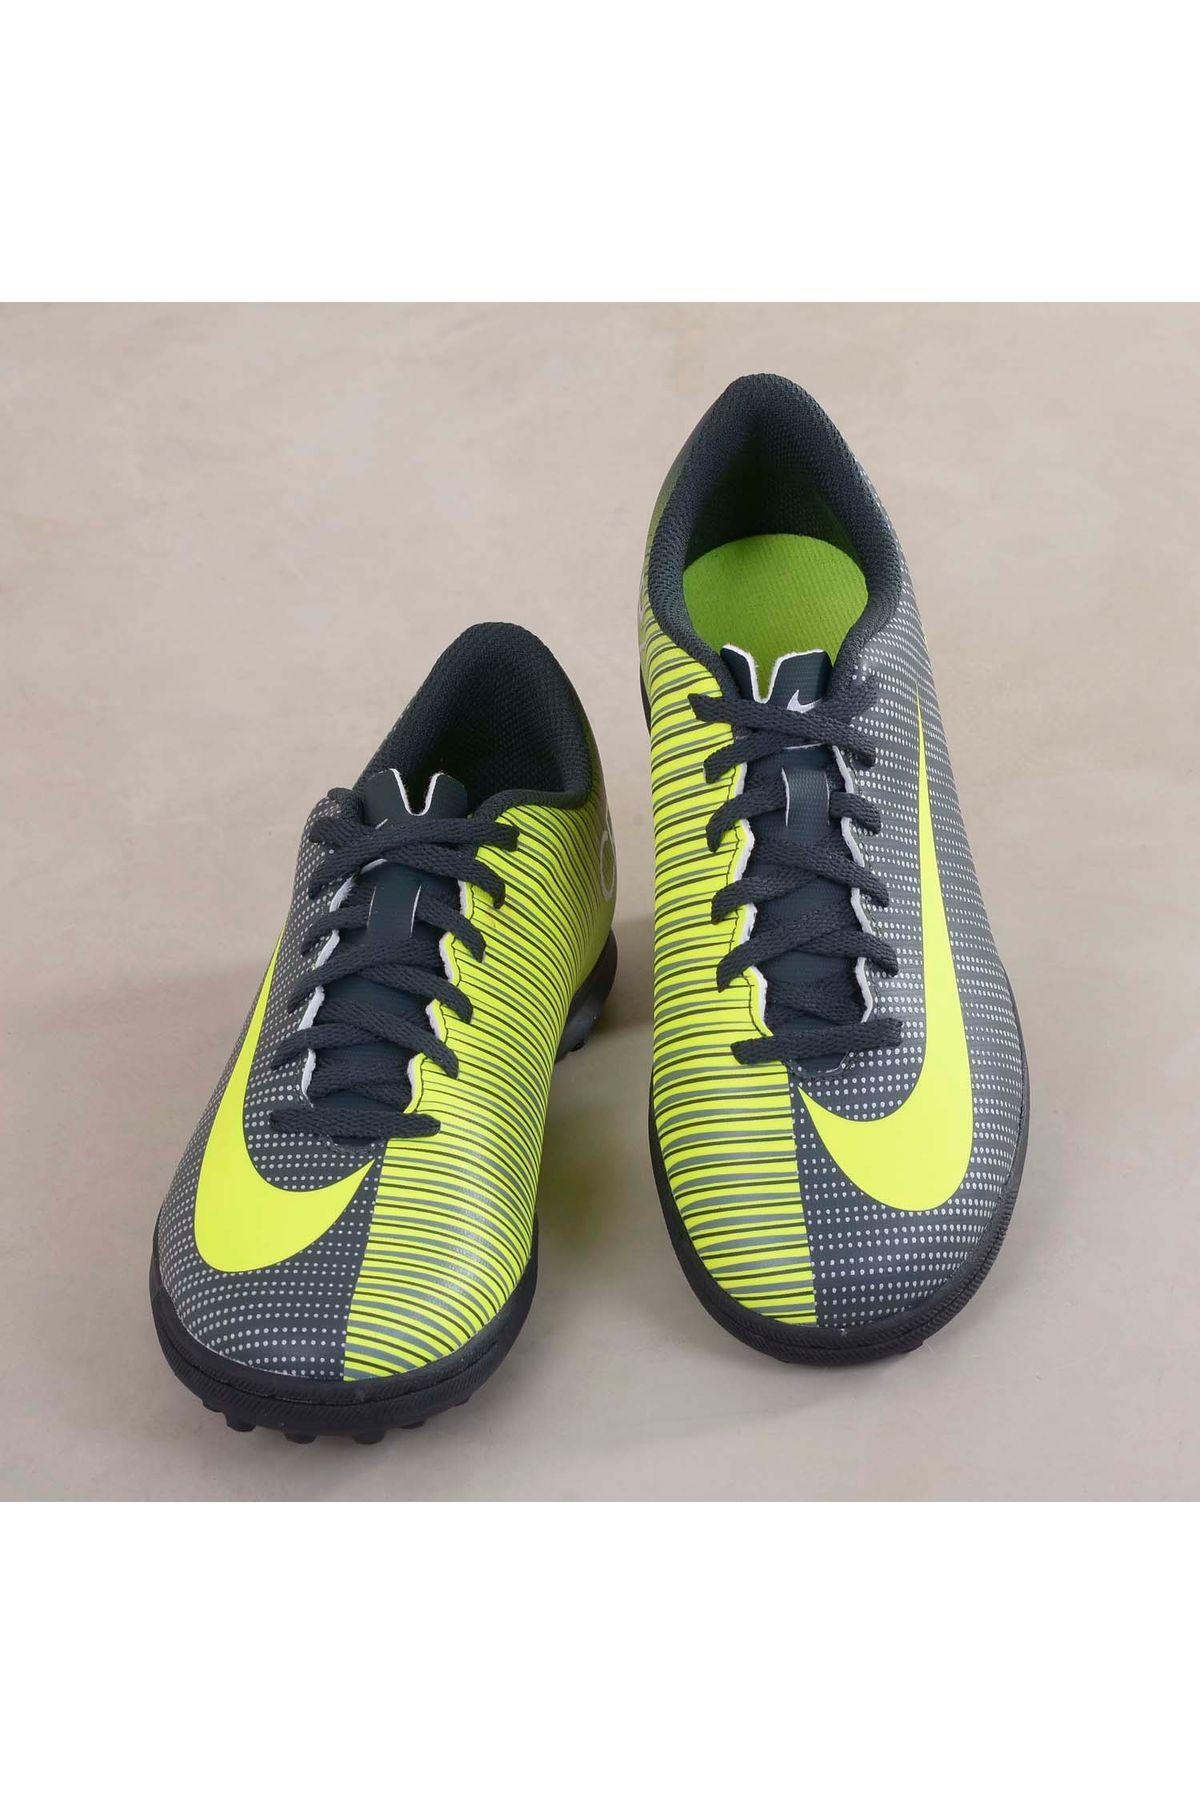 910f91c4a8079 Chuteira Jr Nike Mercurial Cr07